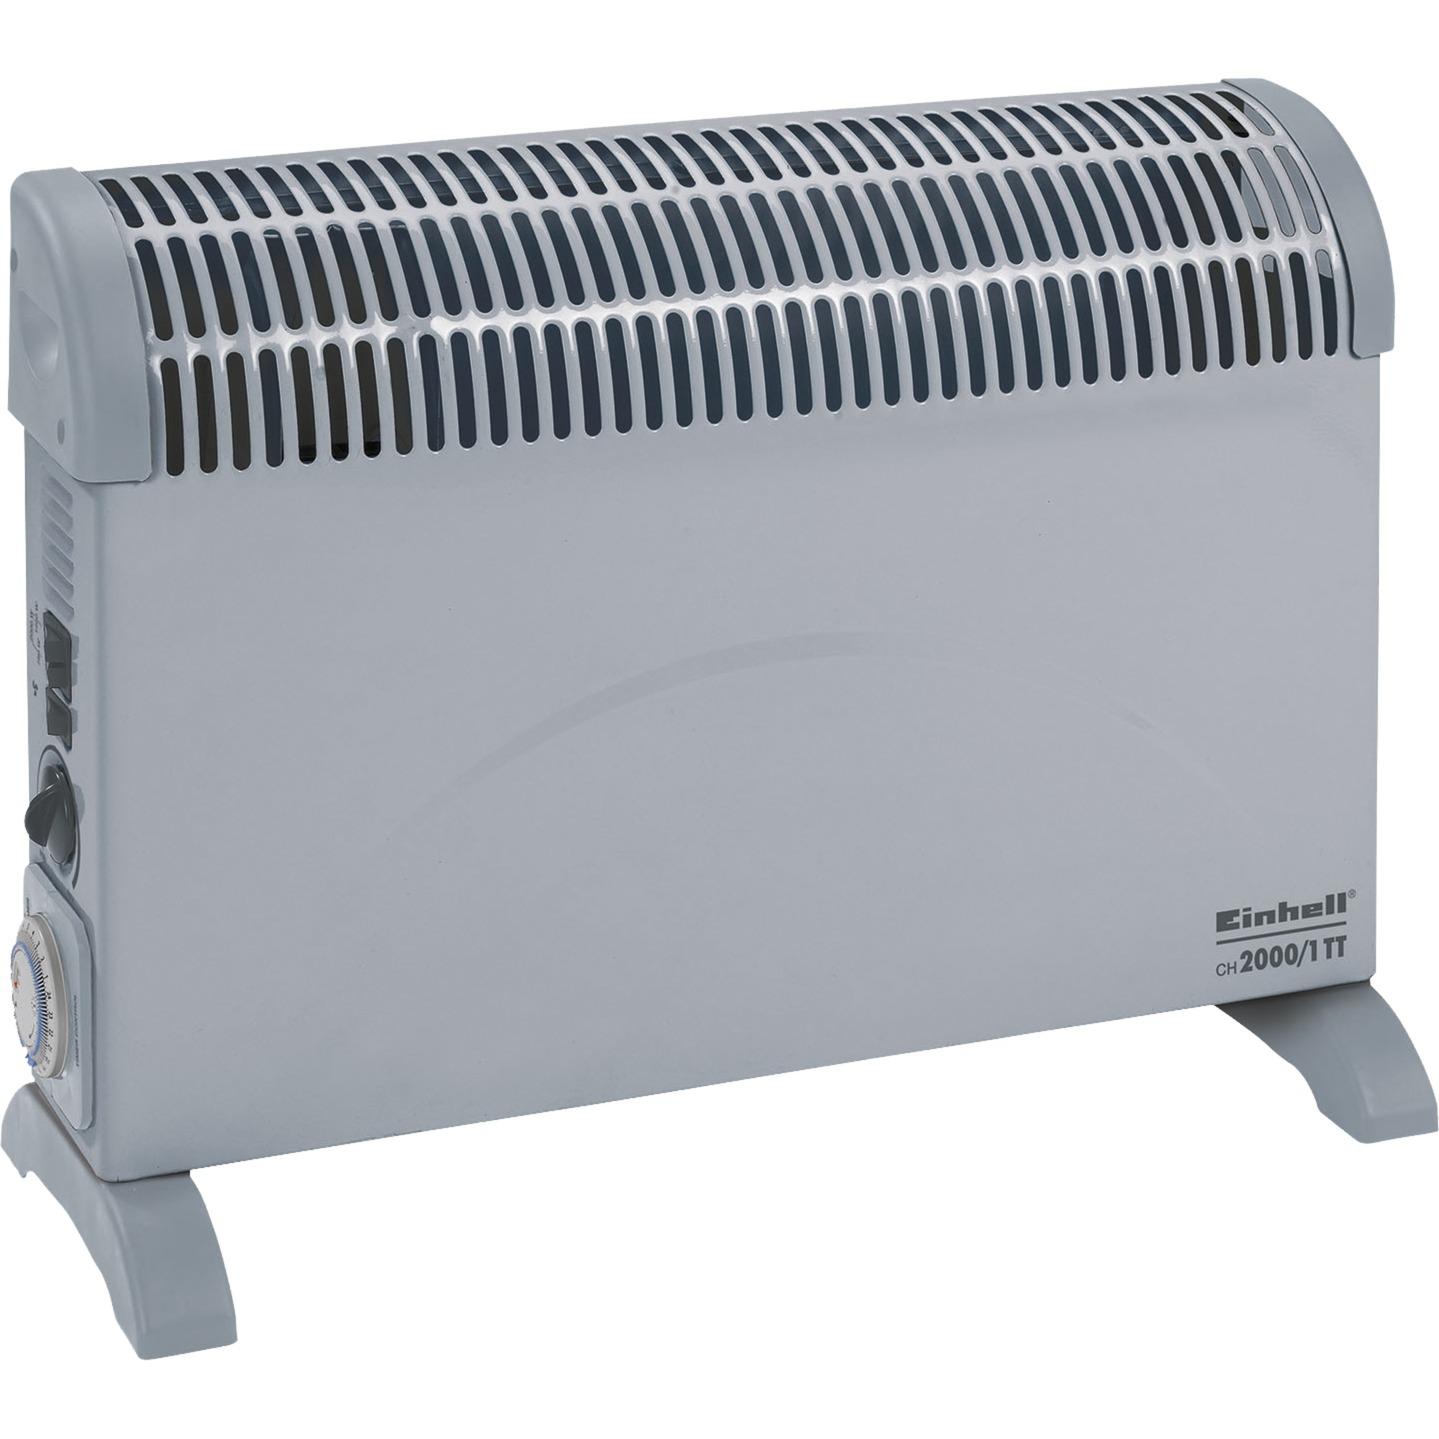 CH 2000/1 TT Radiador / ventilador Interior Gris 2000 W, Convector de pie